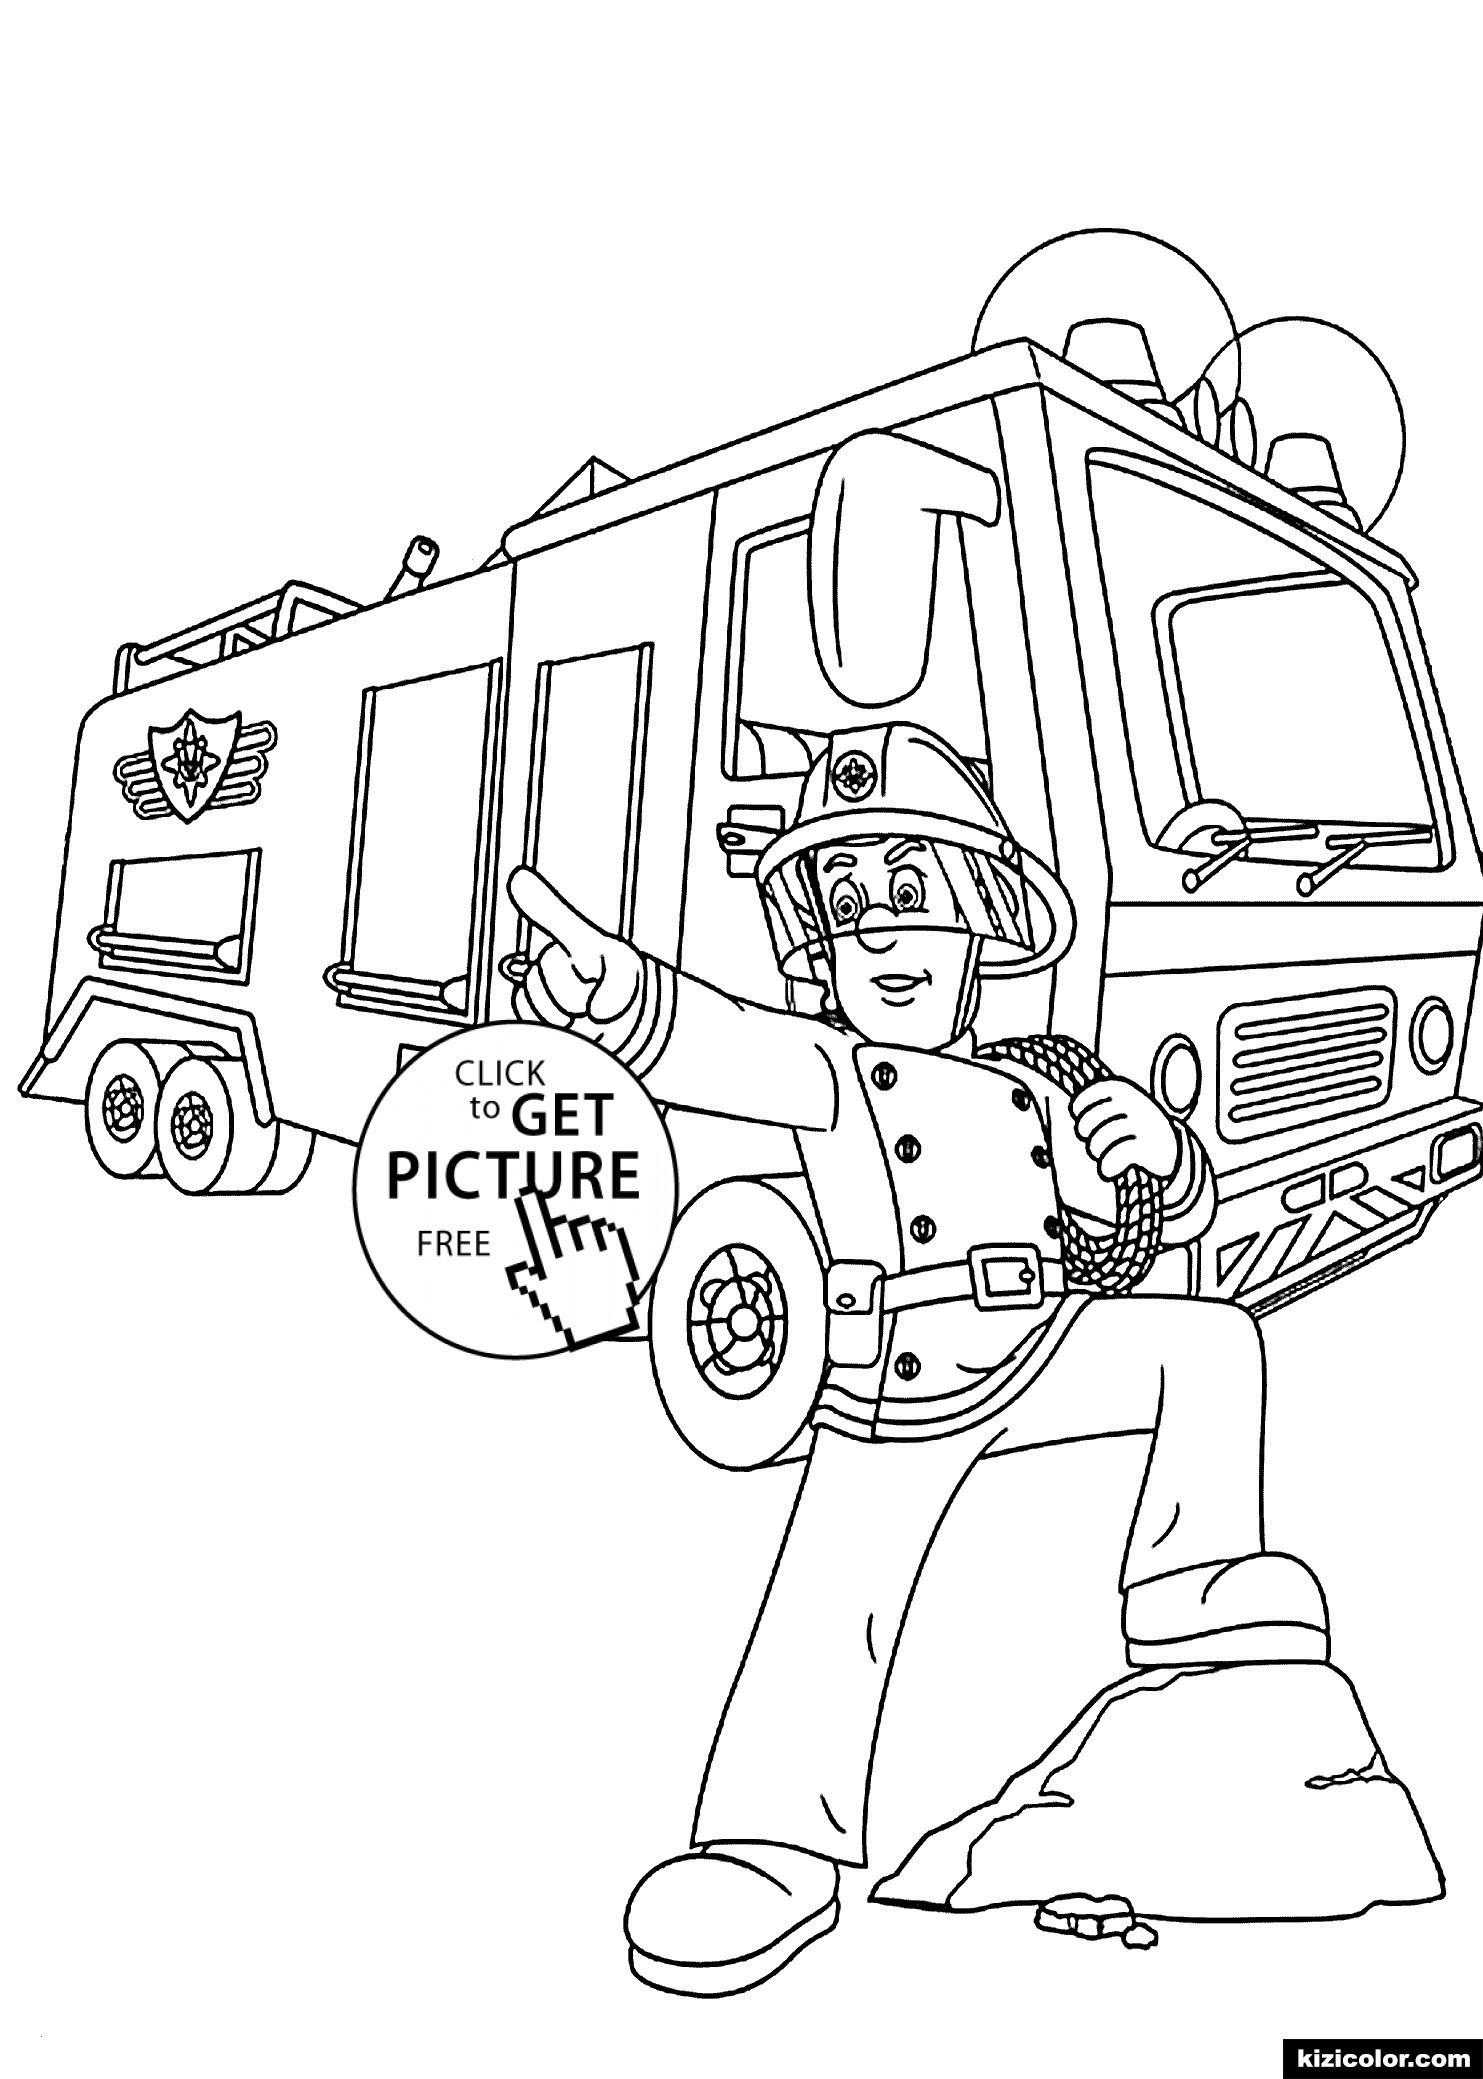 Feuerwehrmann Sam Bilder Drucken Das Beste Von Feuerwehr Malbuch Bewundernswert 32 Feuerwehrmann Sam Ausmalbilder Fotos